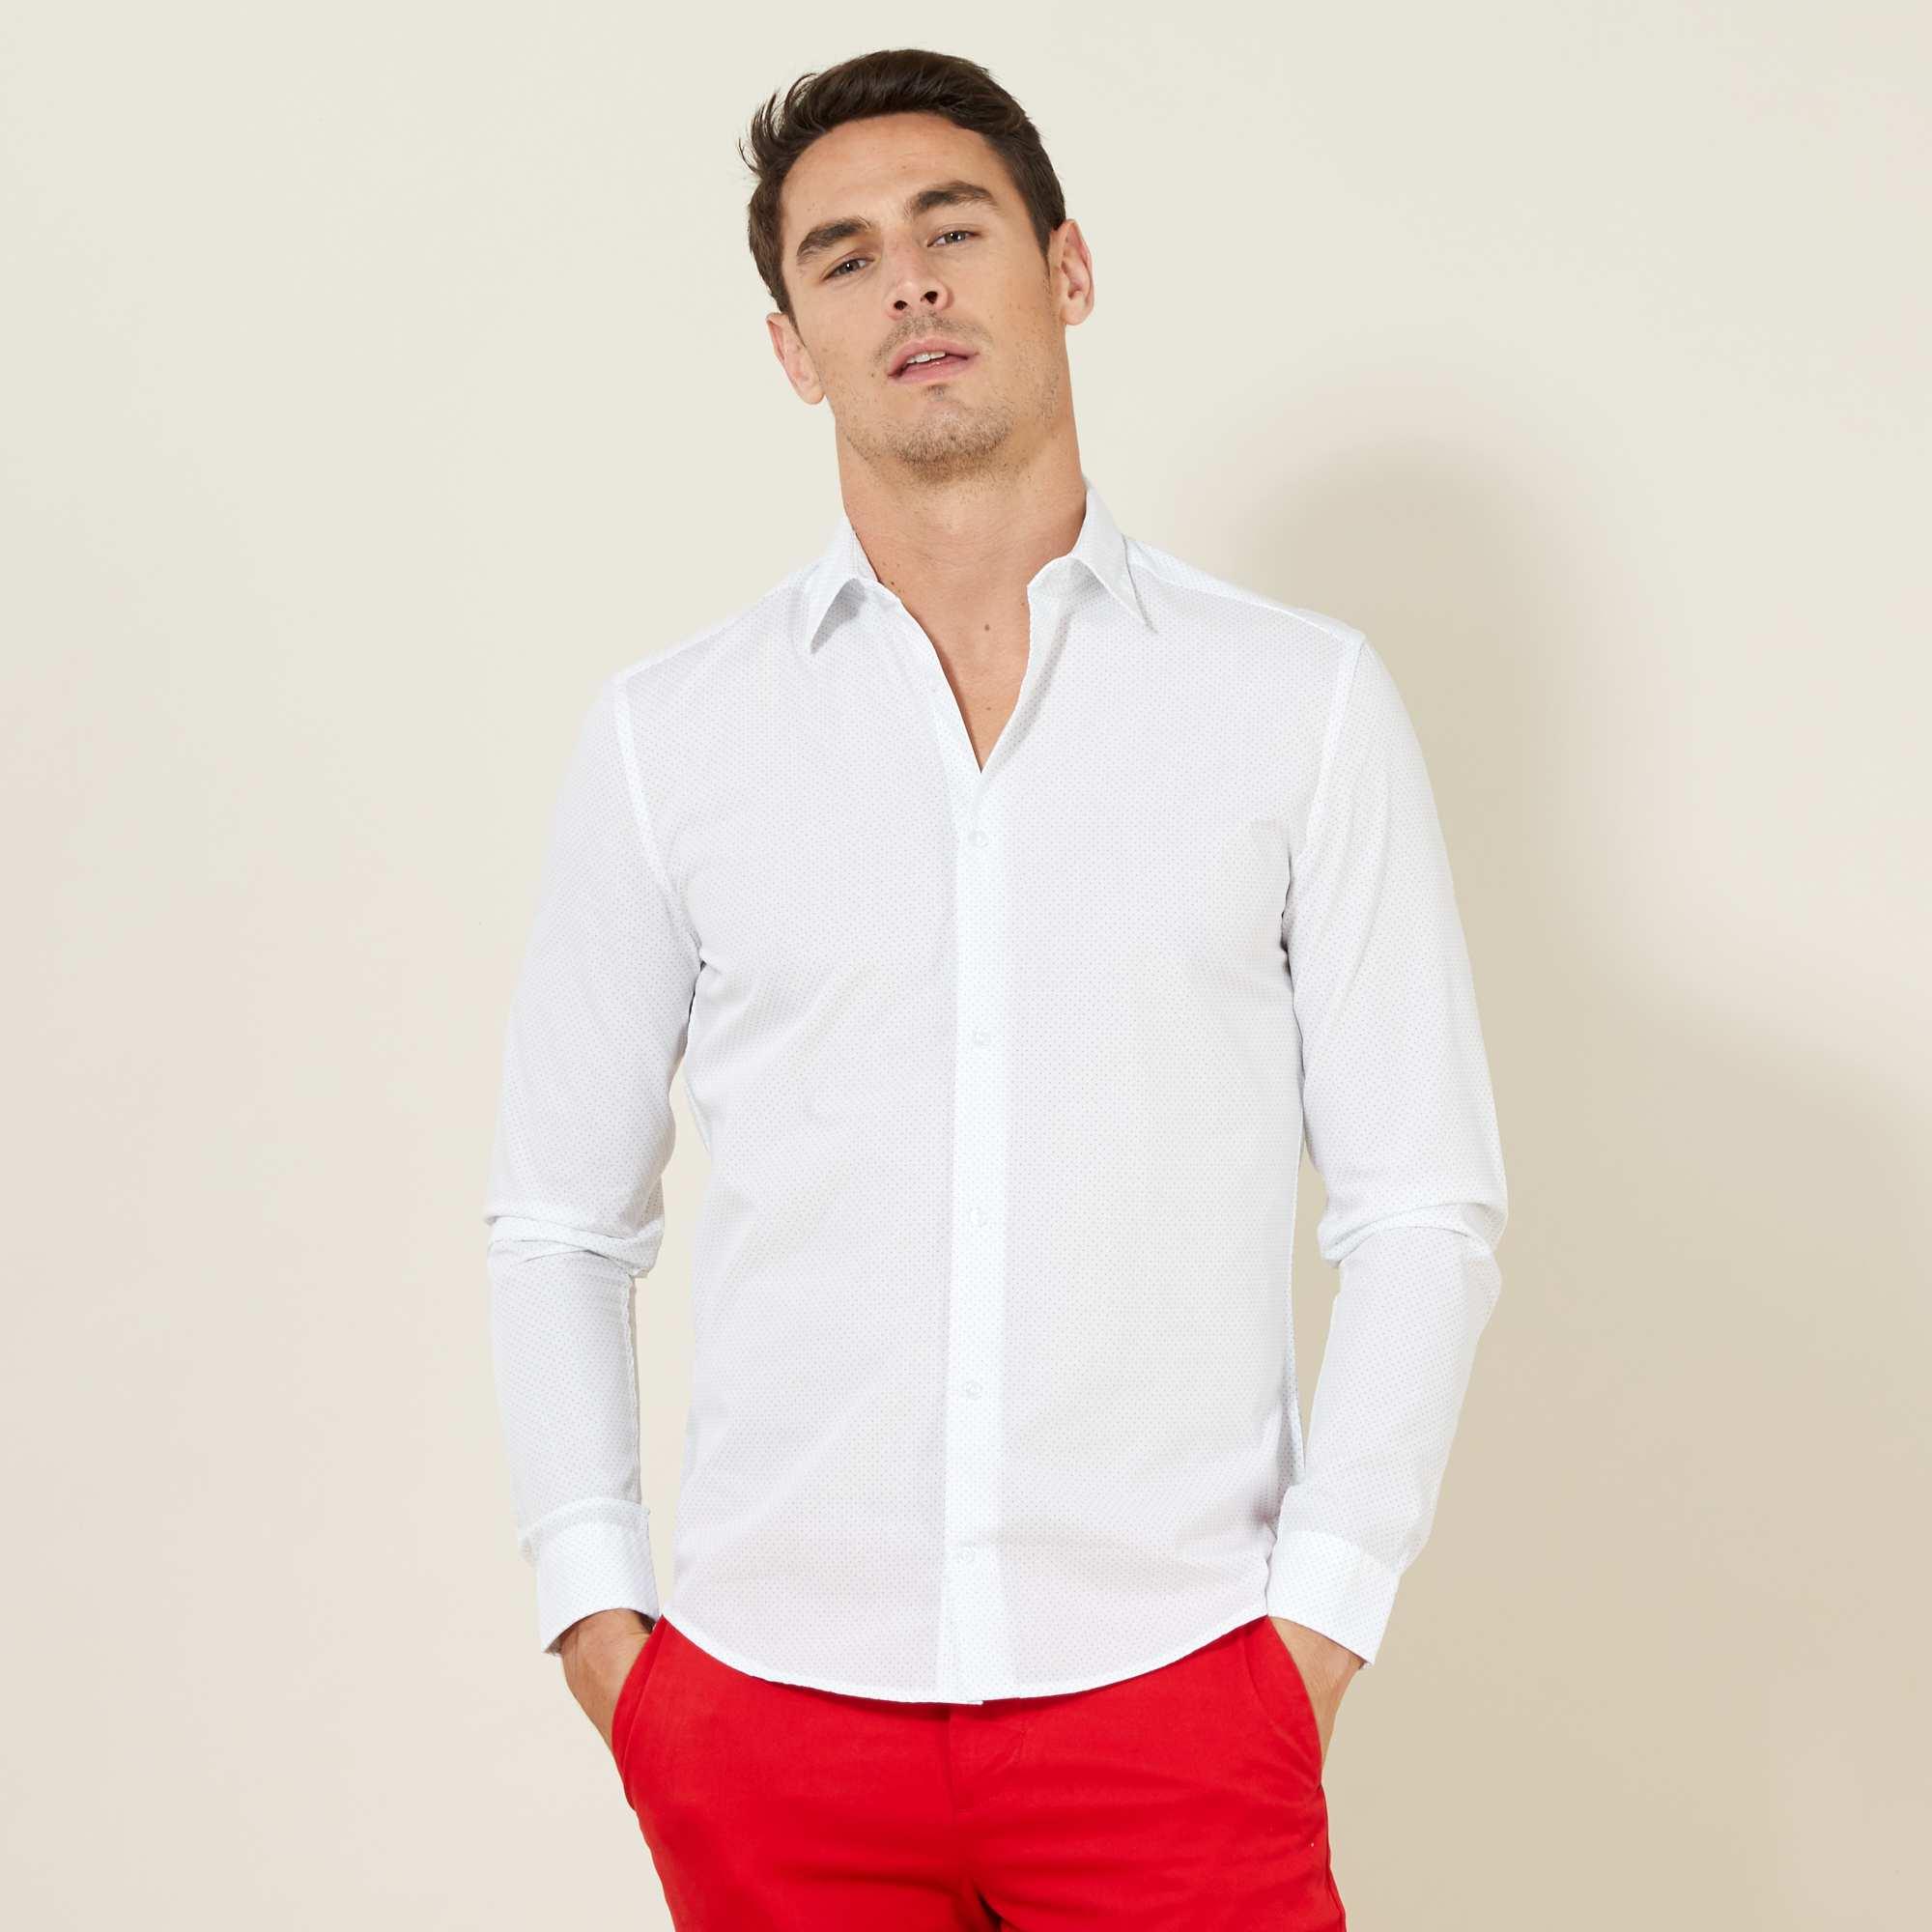 Couleur : blanc pois, imprimé bleu, ,, - Taille : XL, L, XXL,M,SLa coupe ajustée et le micro motif 'pois' discret font de cette chemise un must-have du